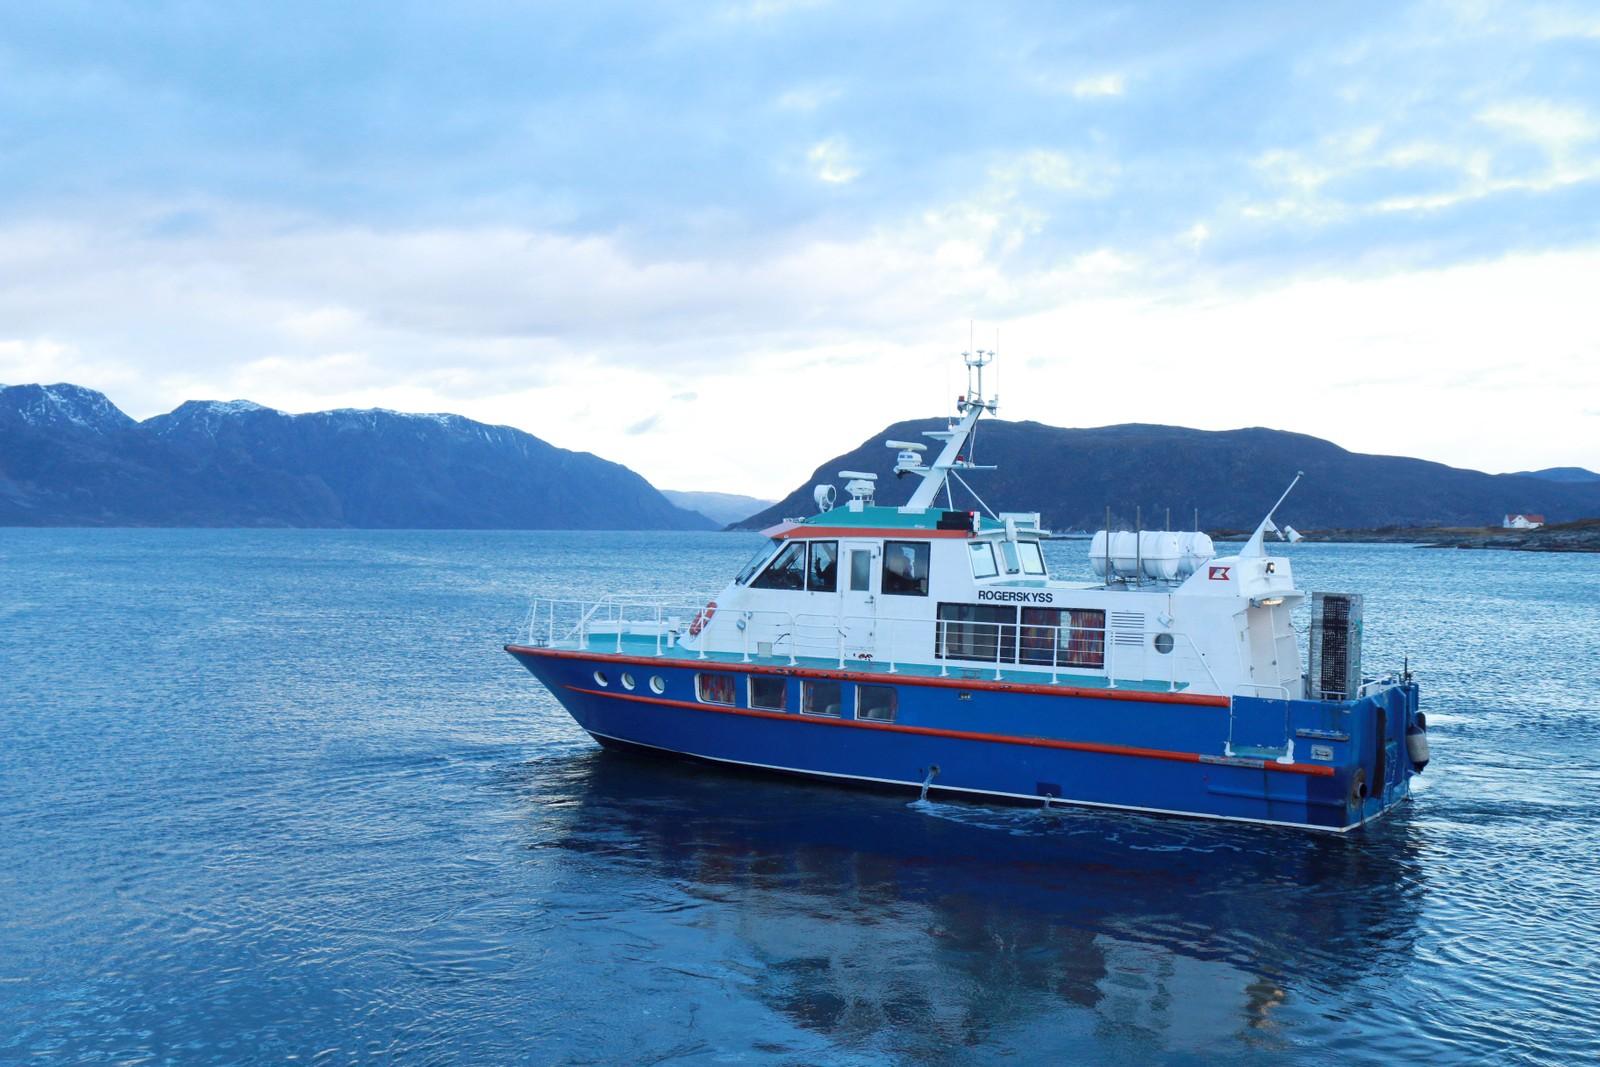 Skyssbåten «Rogerskyss» er satt inn med daglige anløp i Lille Lerresfjord som en midlertidig løsning.